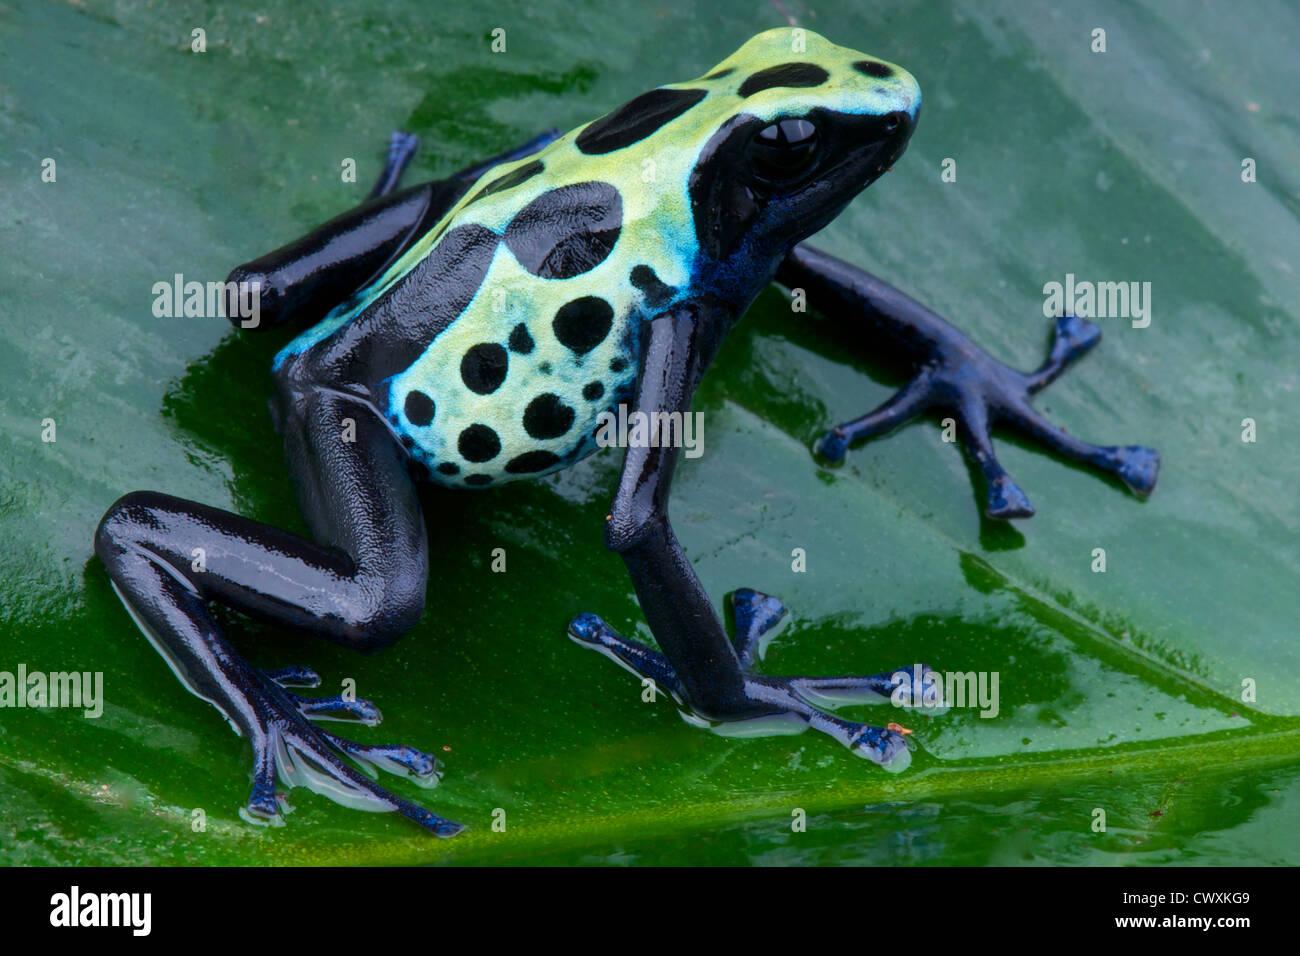 Dyed dartfrog / Dendrobates tinctorius - Stock Image